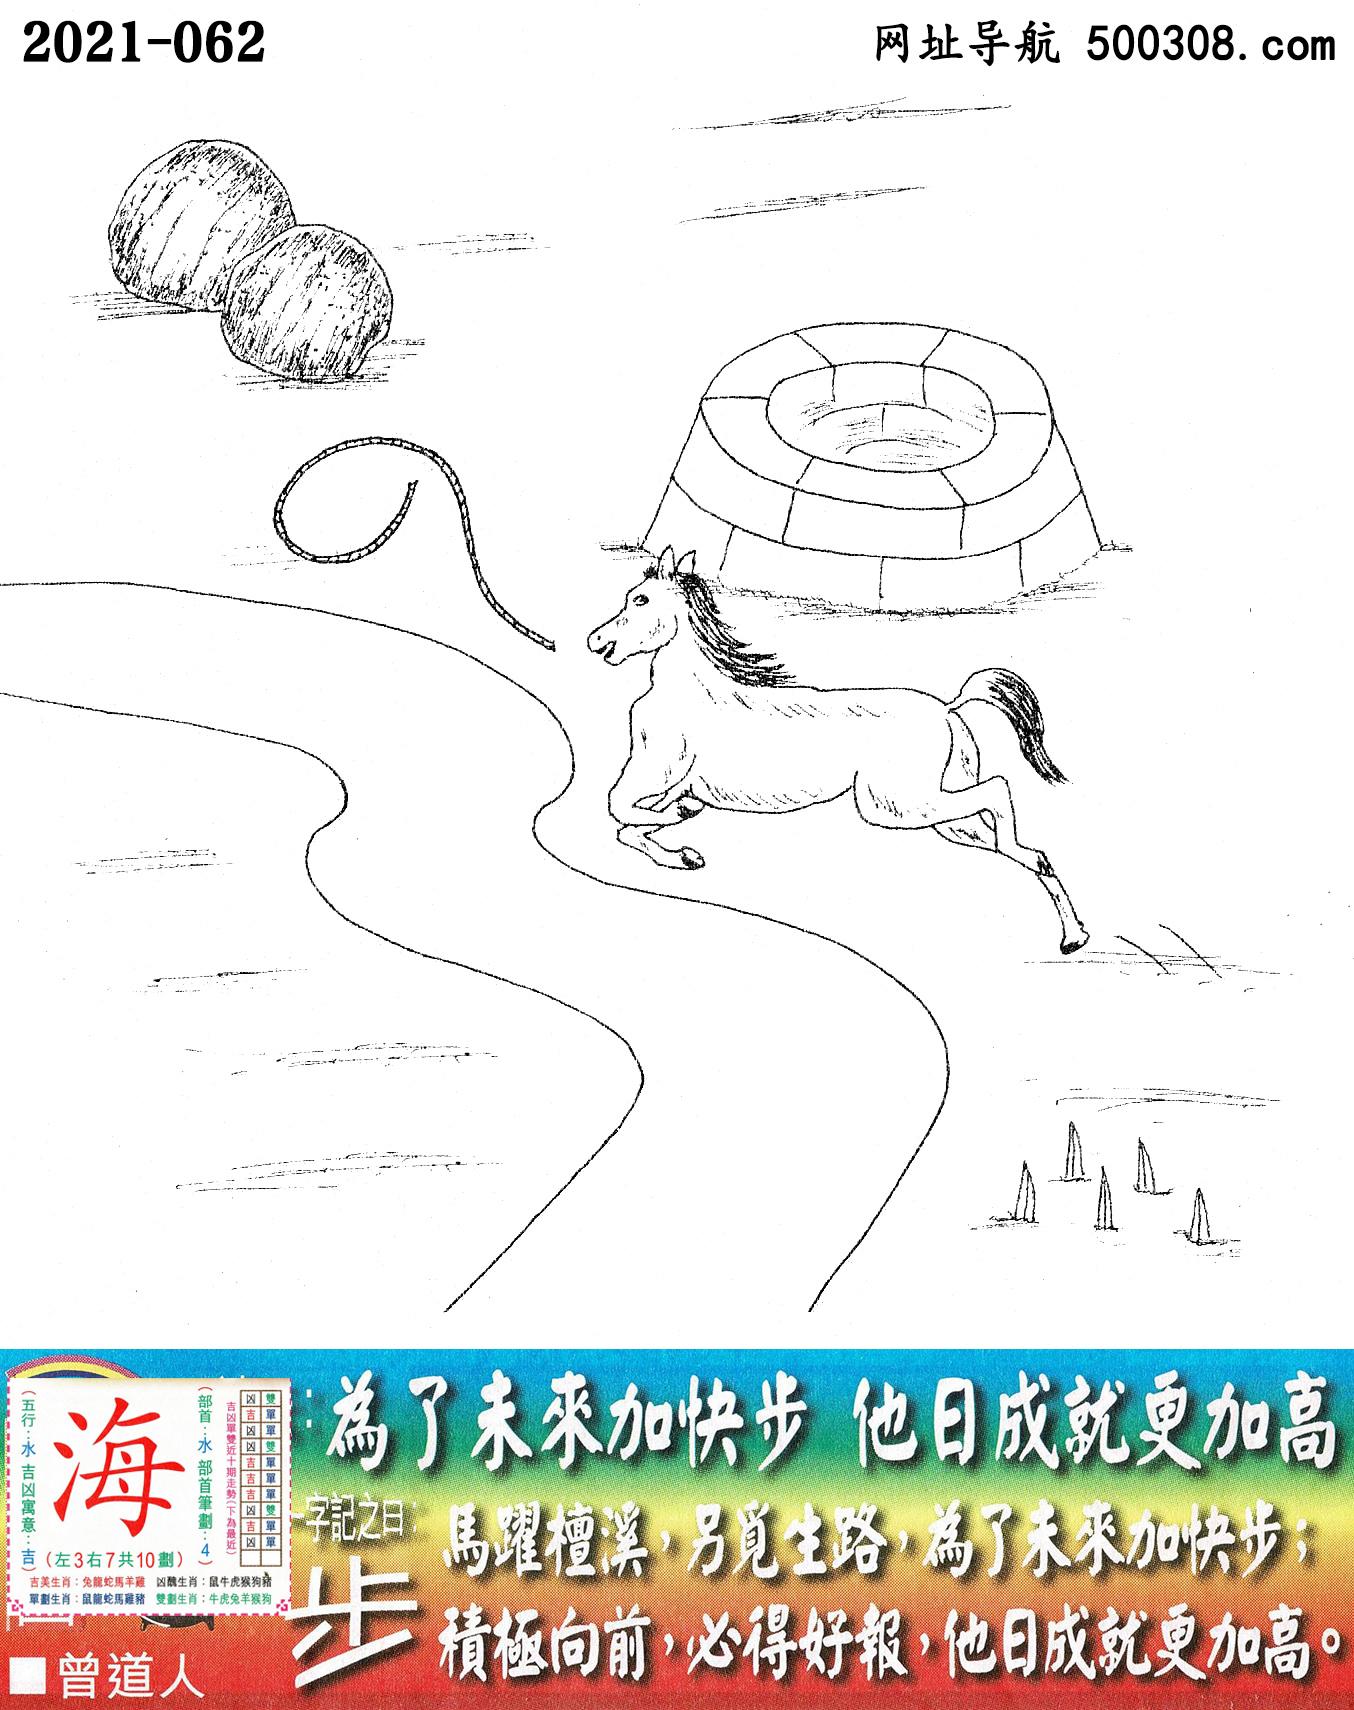 062期老版跑狗一字�之曰:【步】_��:�榱宋�砑涌觳剑�他日成就更加高。